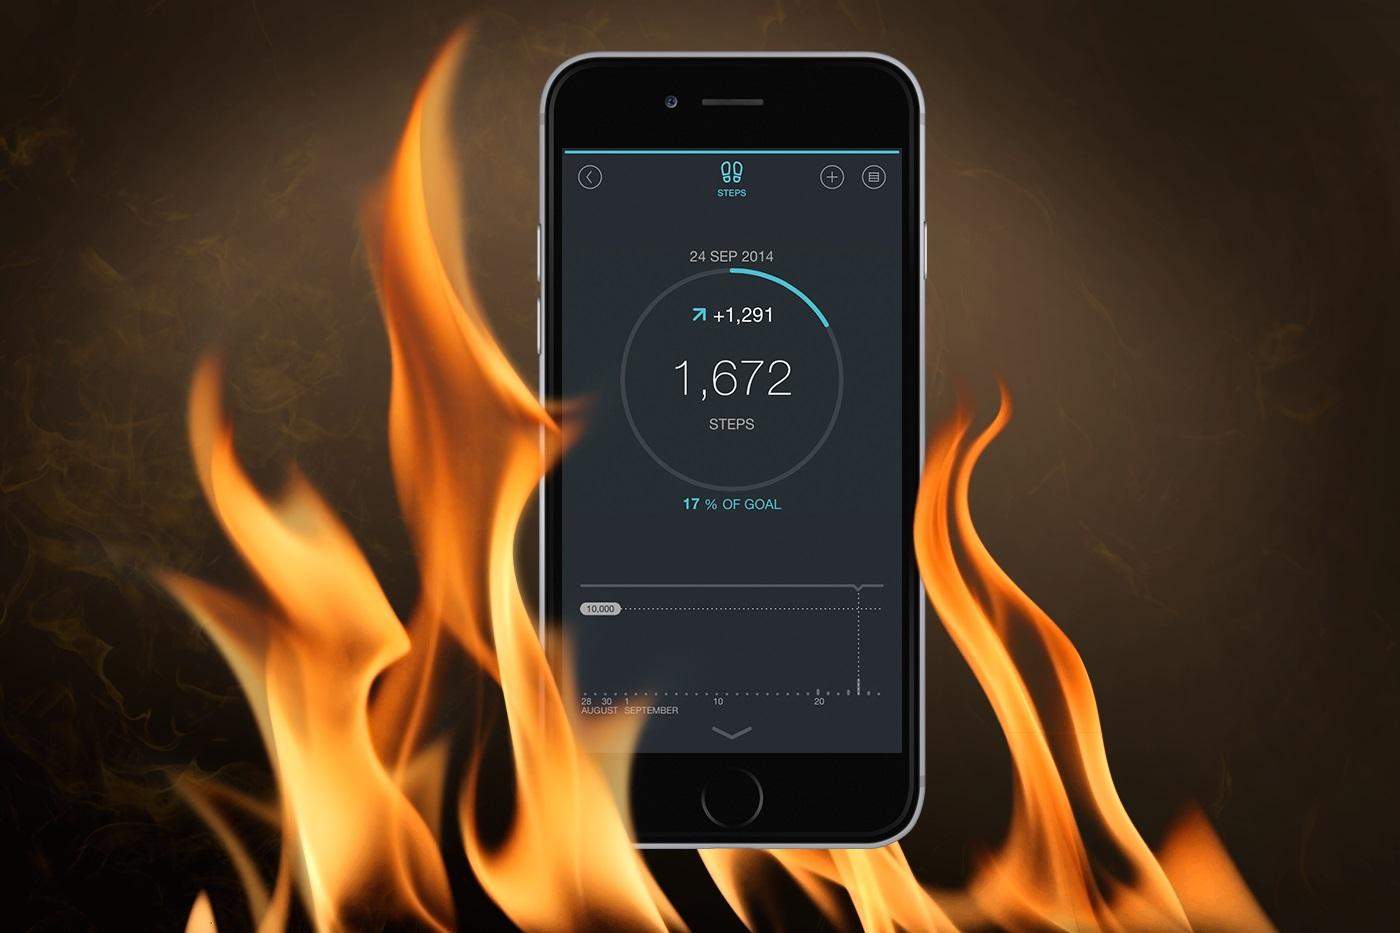 Android Telefonlarınızın Isınmasını Önlemenin İpuçları android telefon ısınma android ısınma sorunu